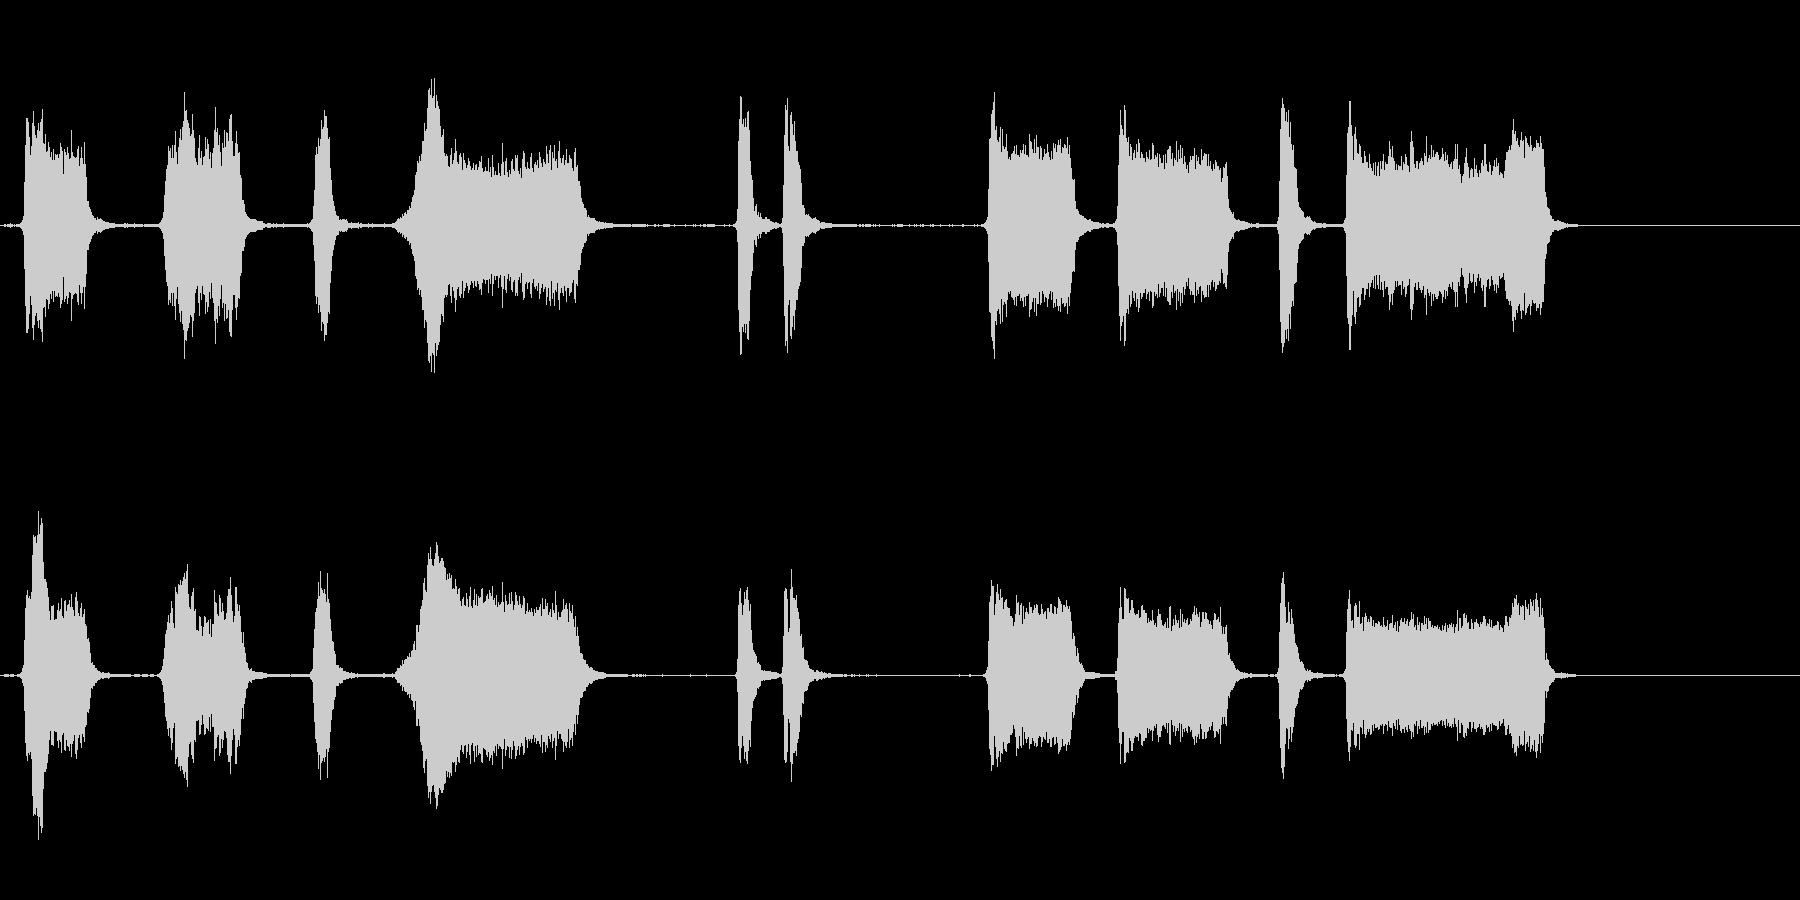 エアホイッスルアンティーク1をトレ...の未再生の波形